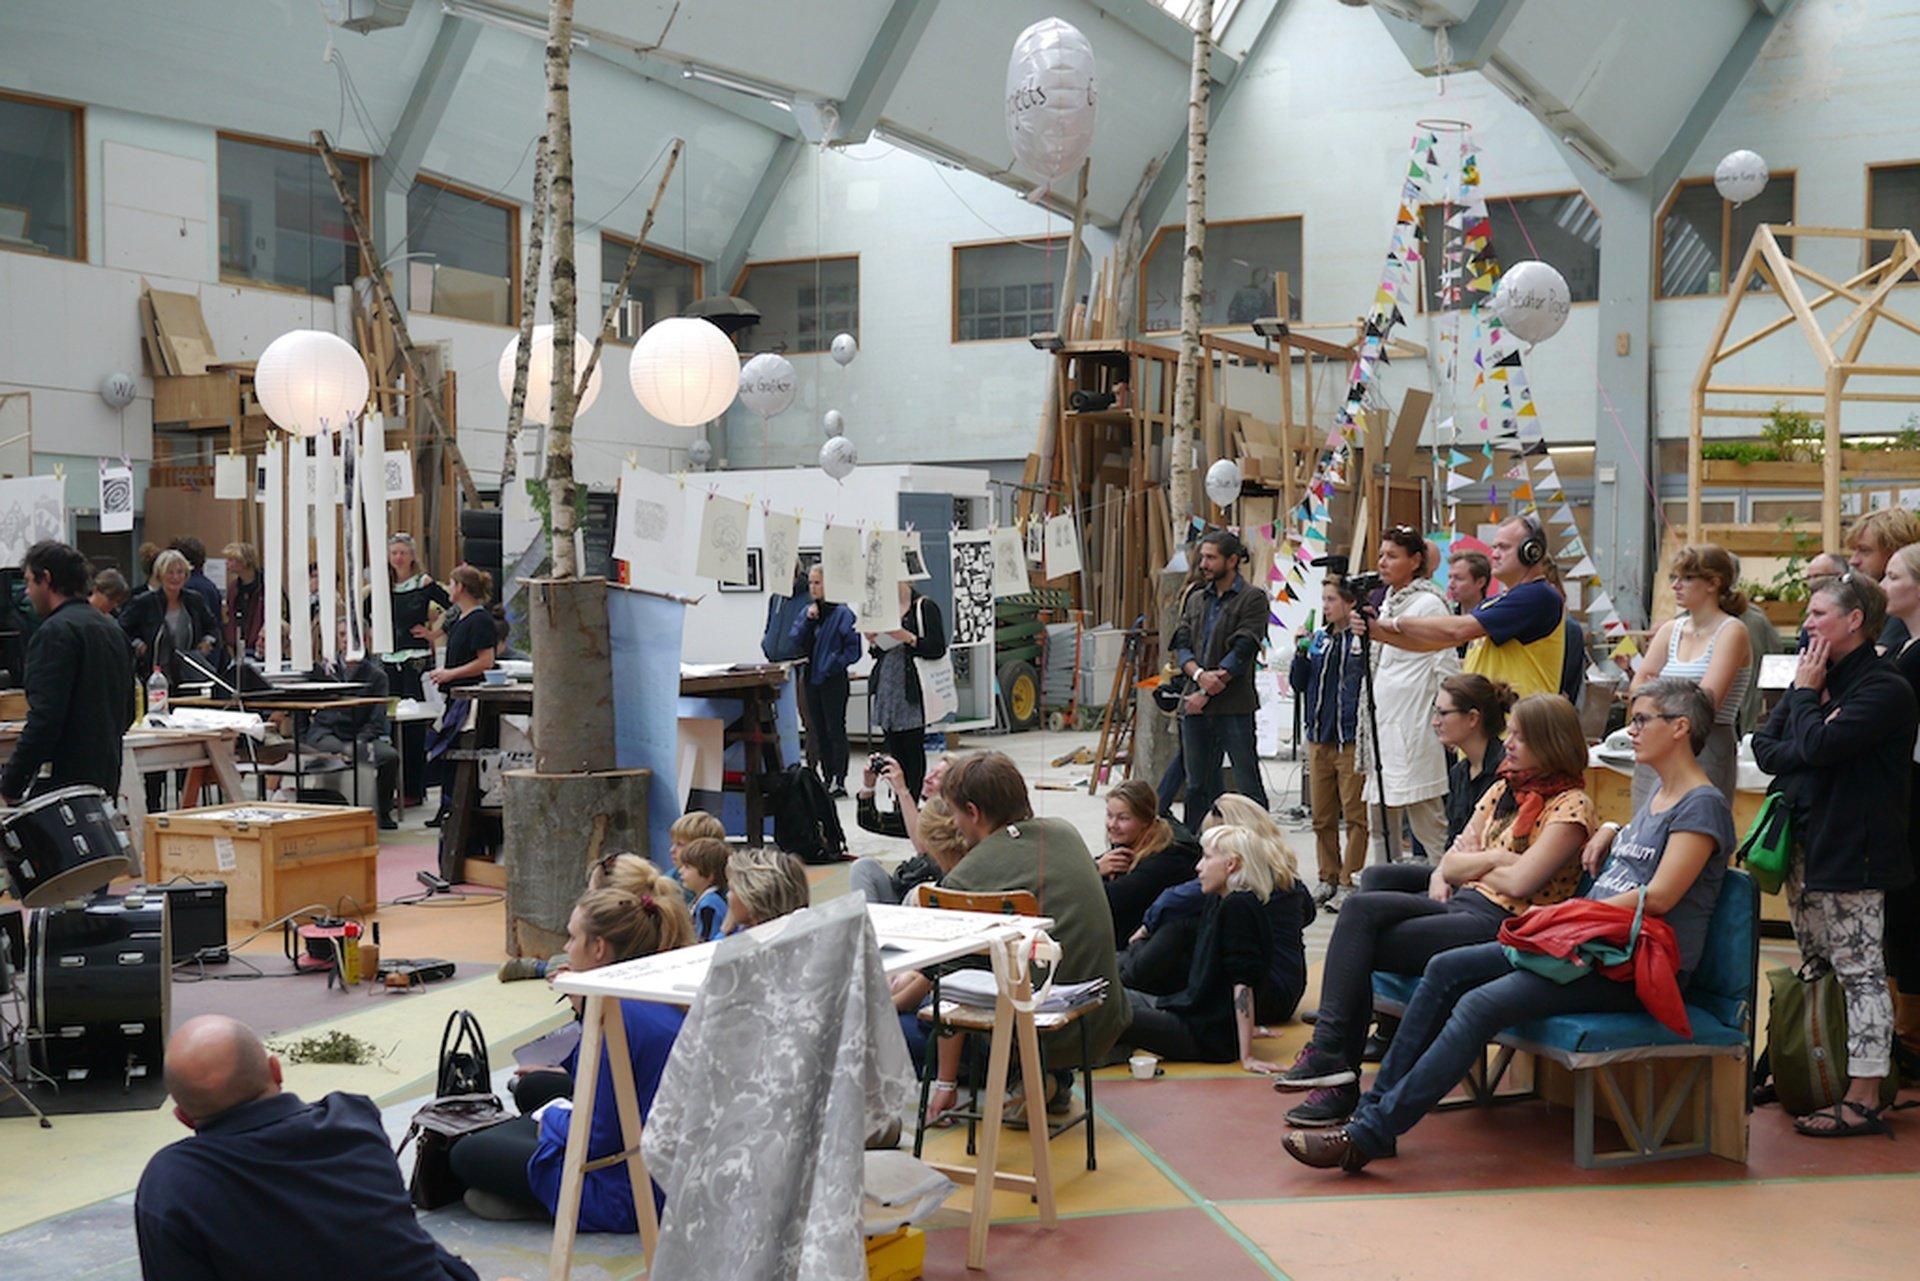 Kopenhagen workshop spaces Industriegebäude The Factory of Art & Design image 0